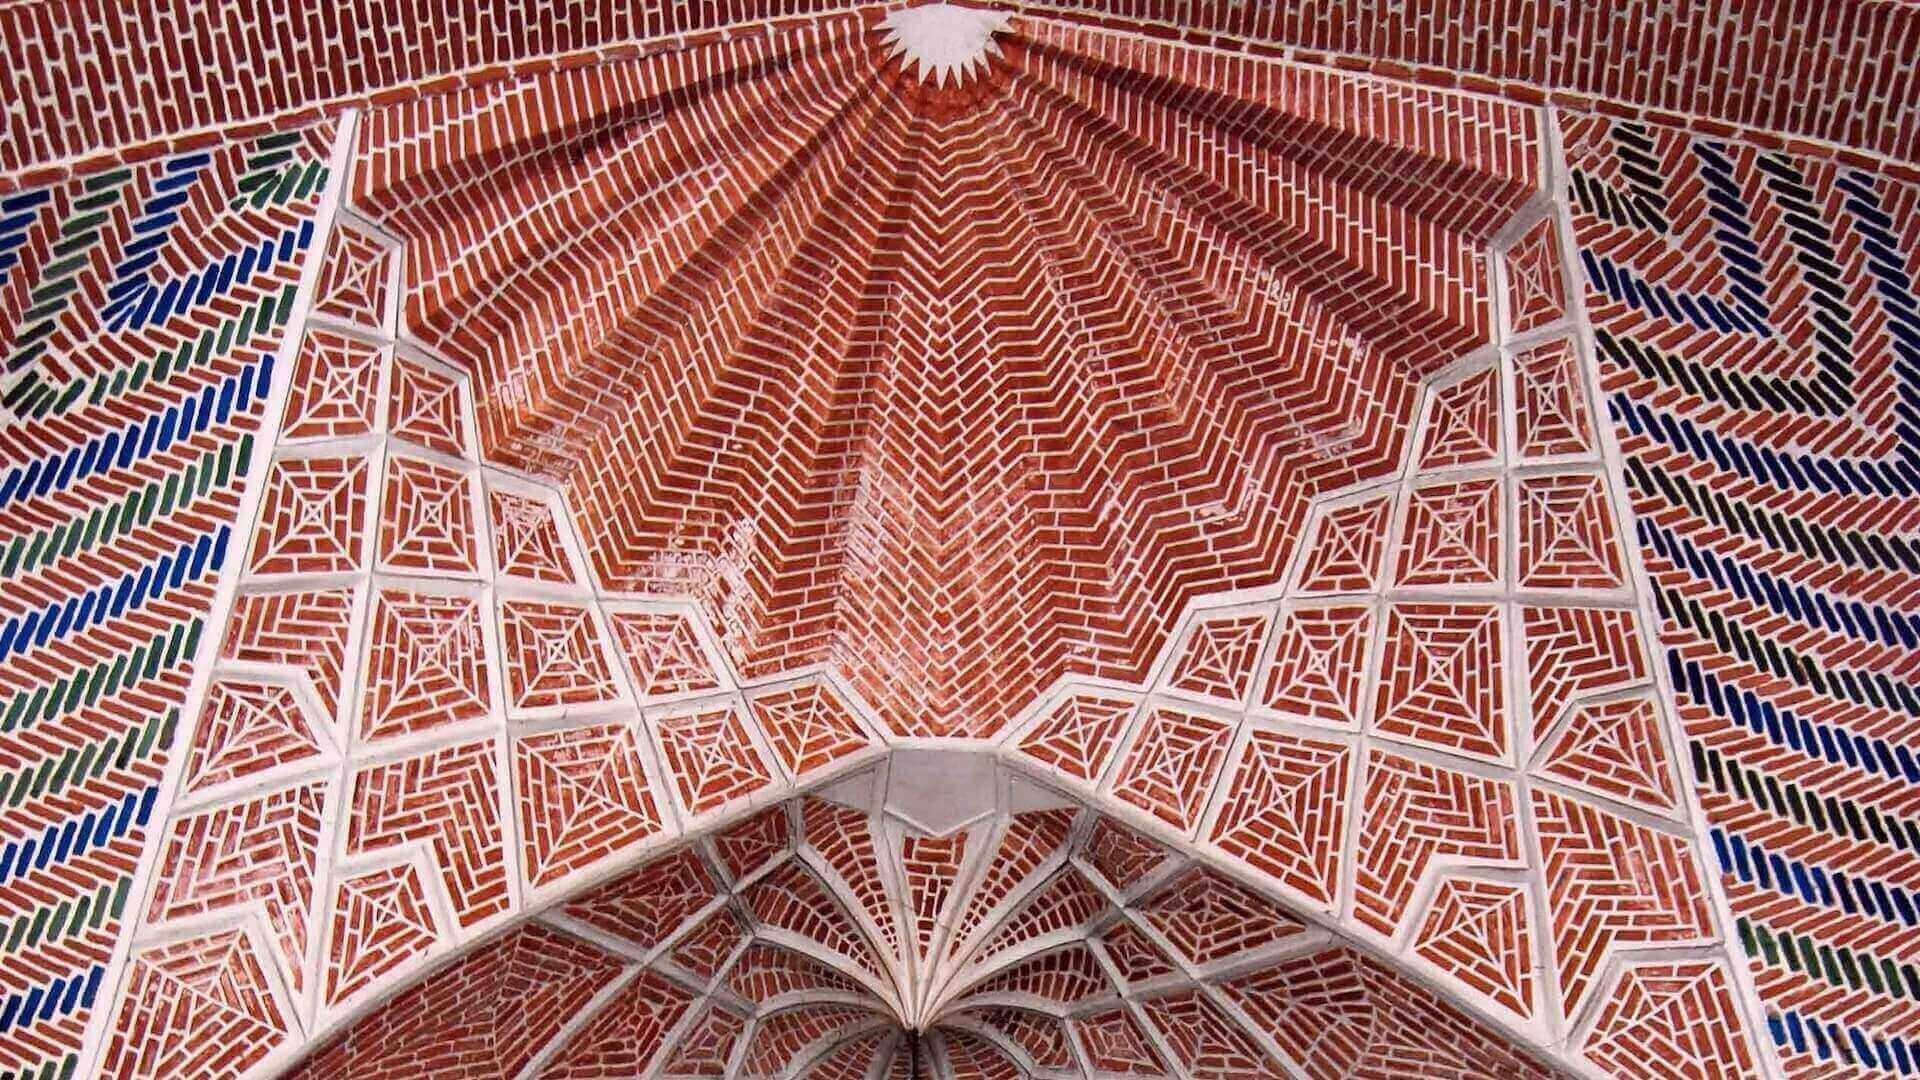 Plafond van de Bazaar van Tabriz in Iran